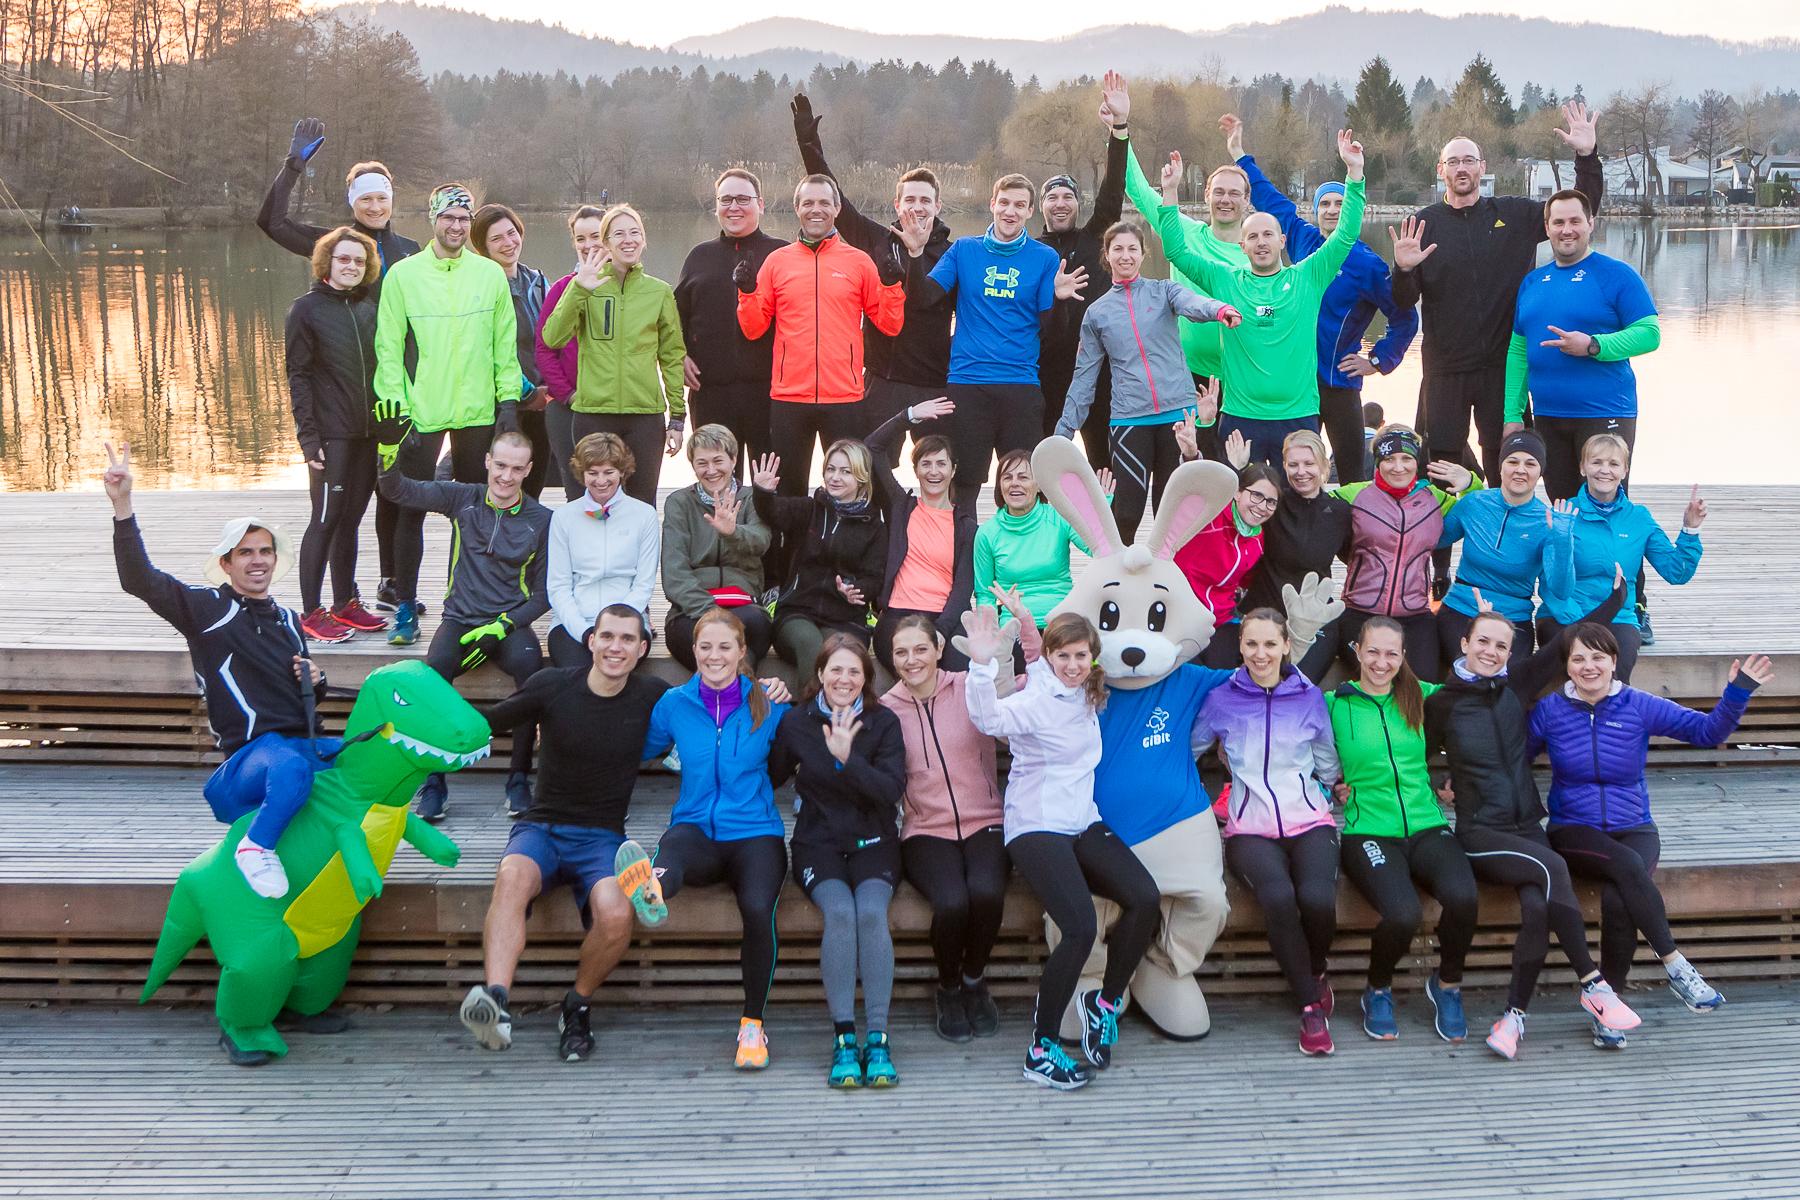 Začeli smo z novo tekaško sezono, pridruži se še ti!